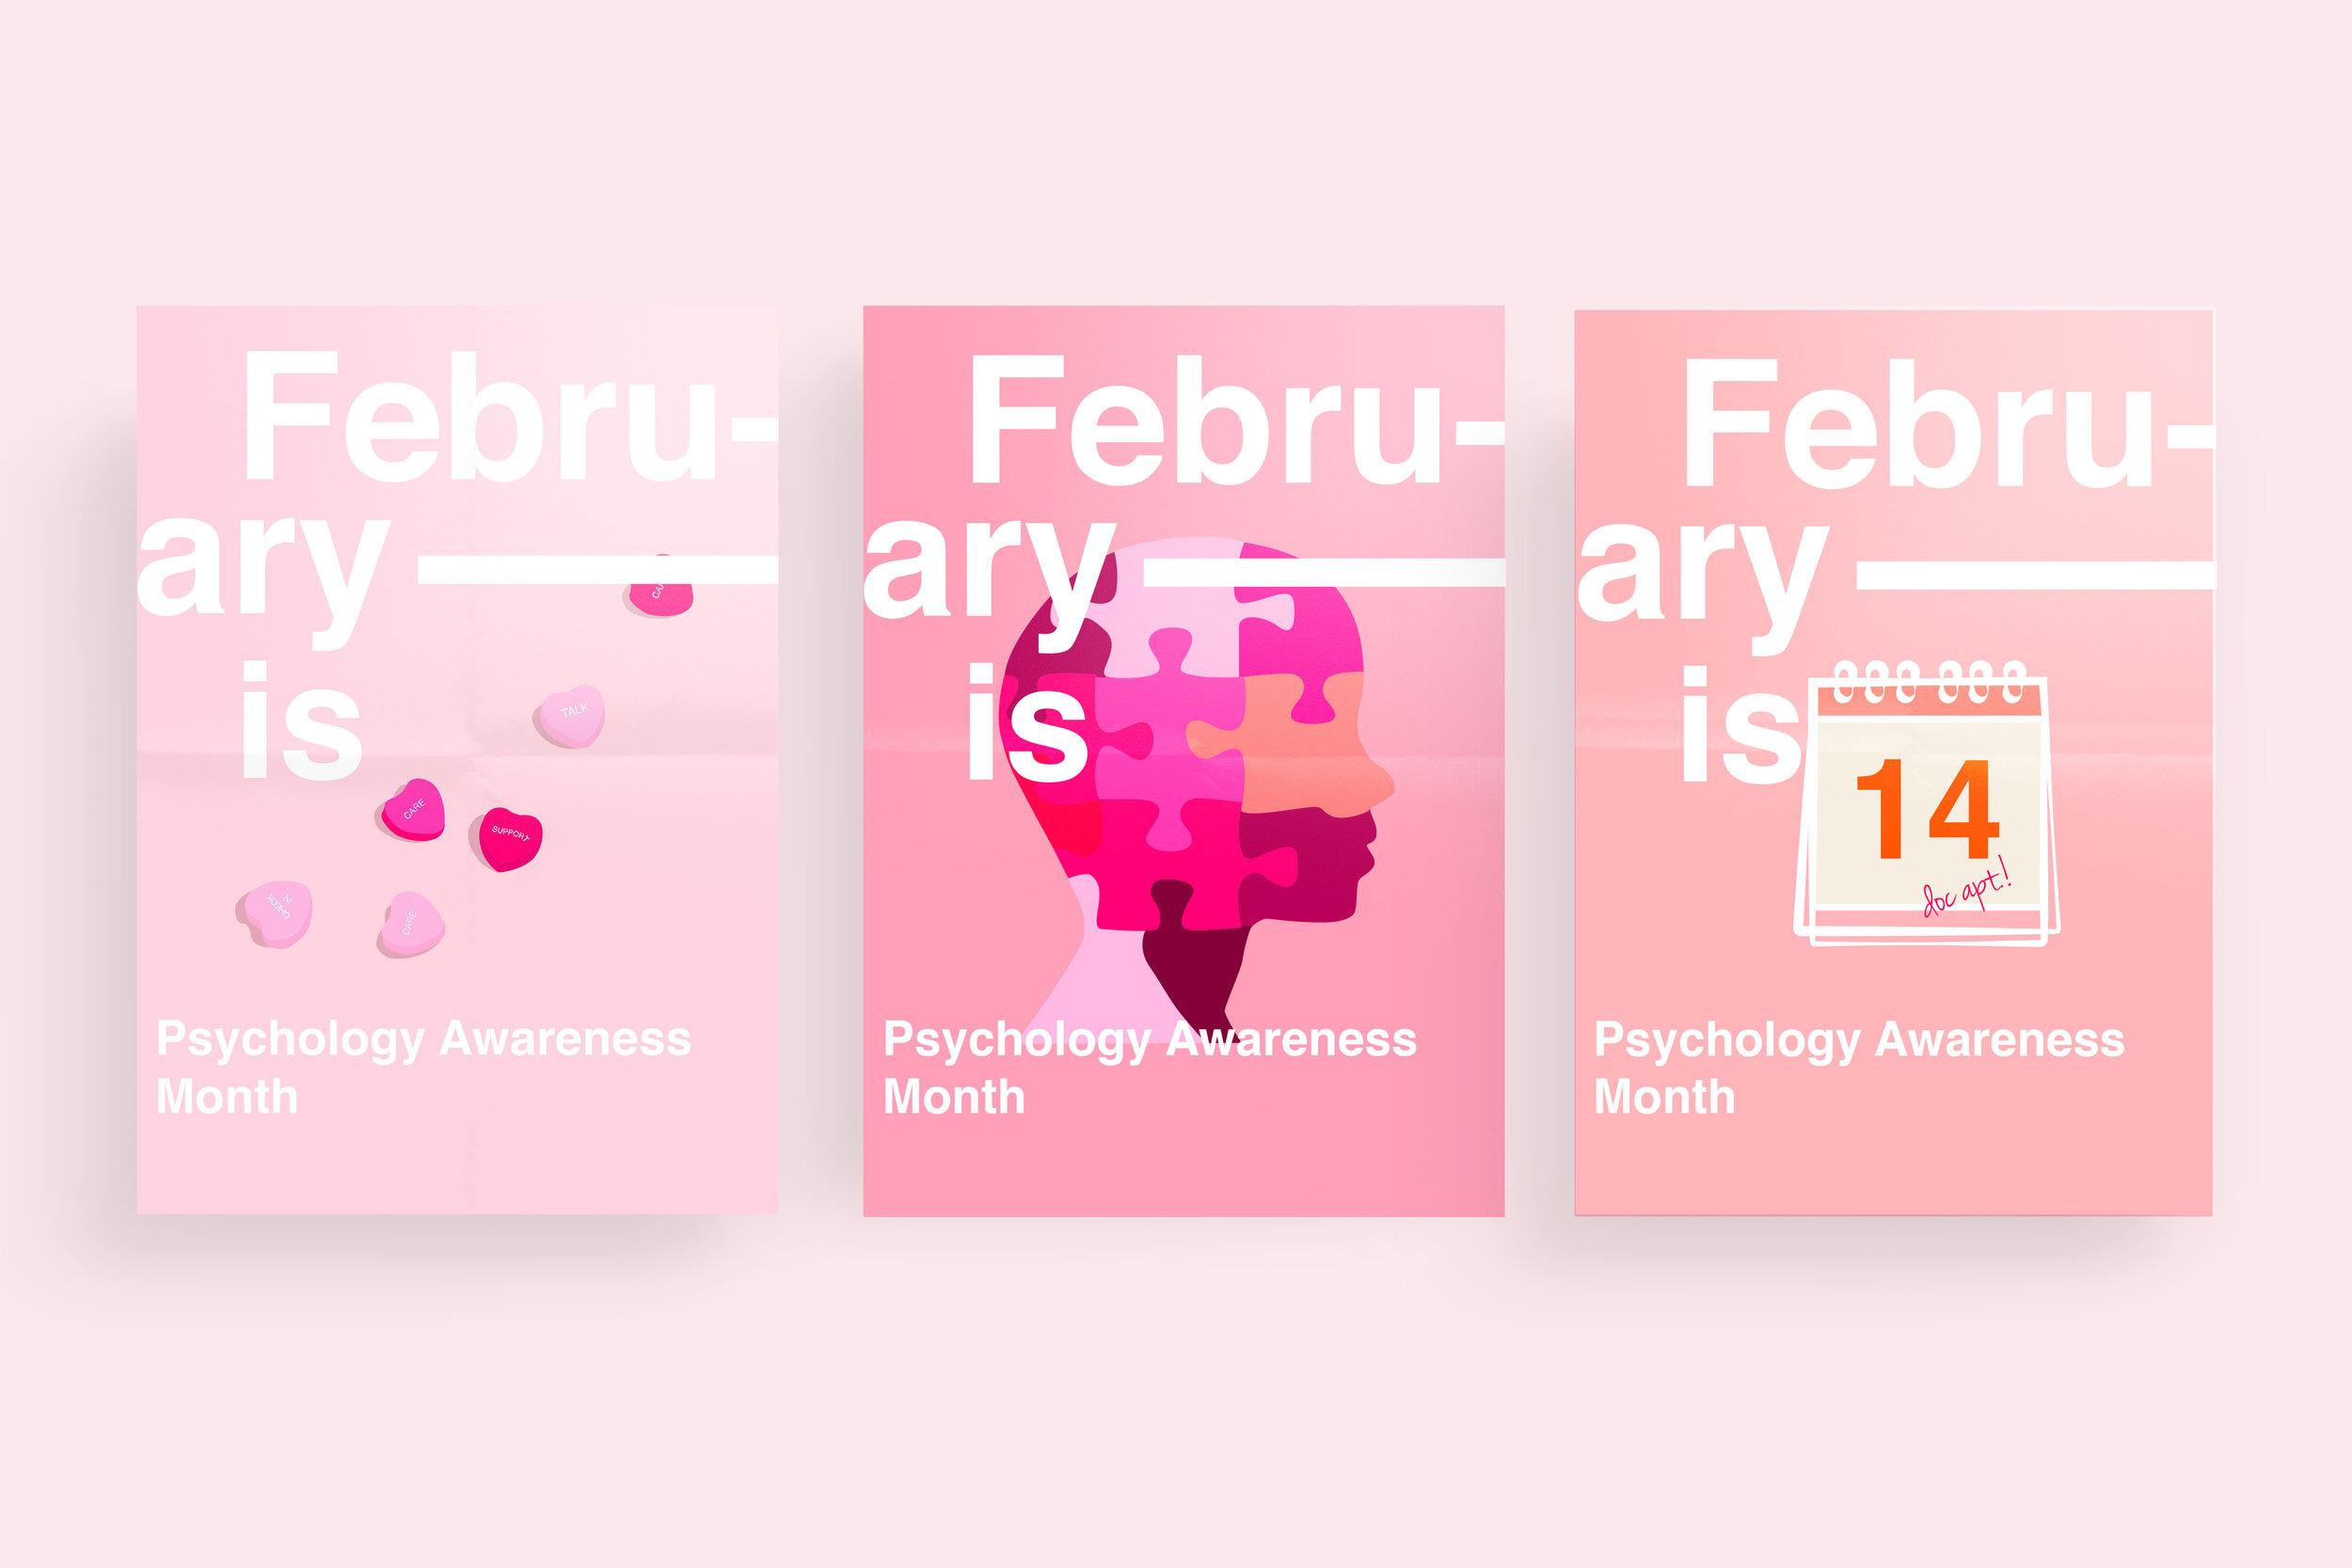 February Psychology Awareness Poster.jpg